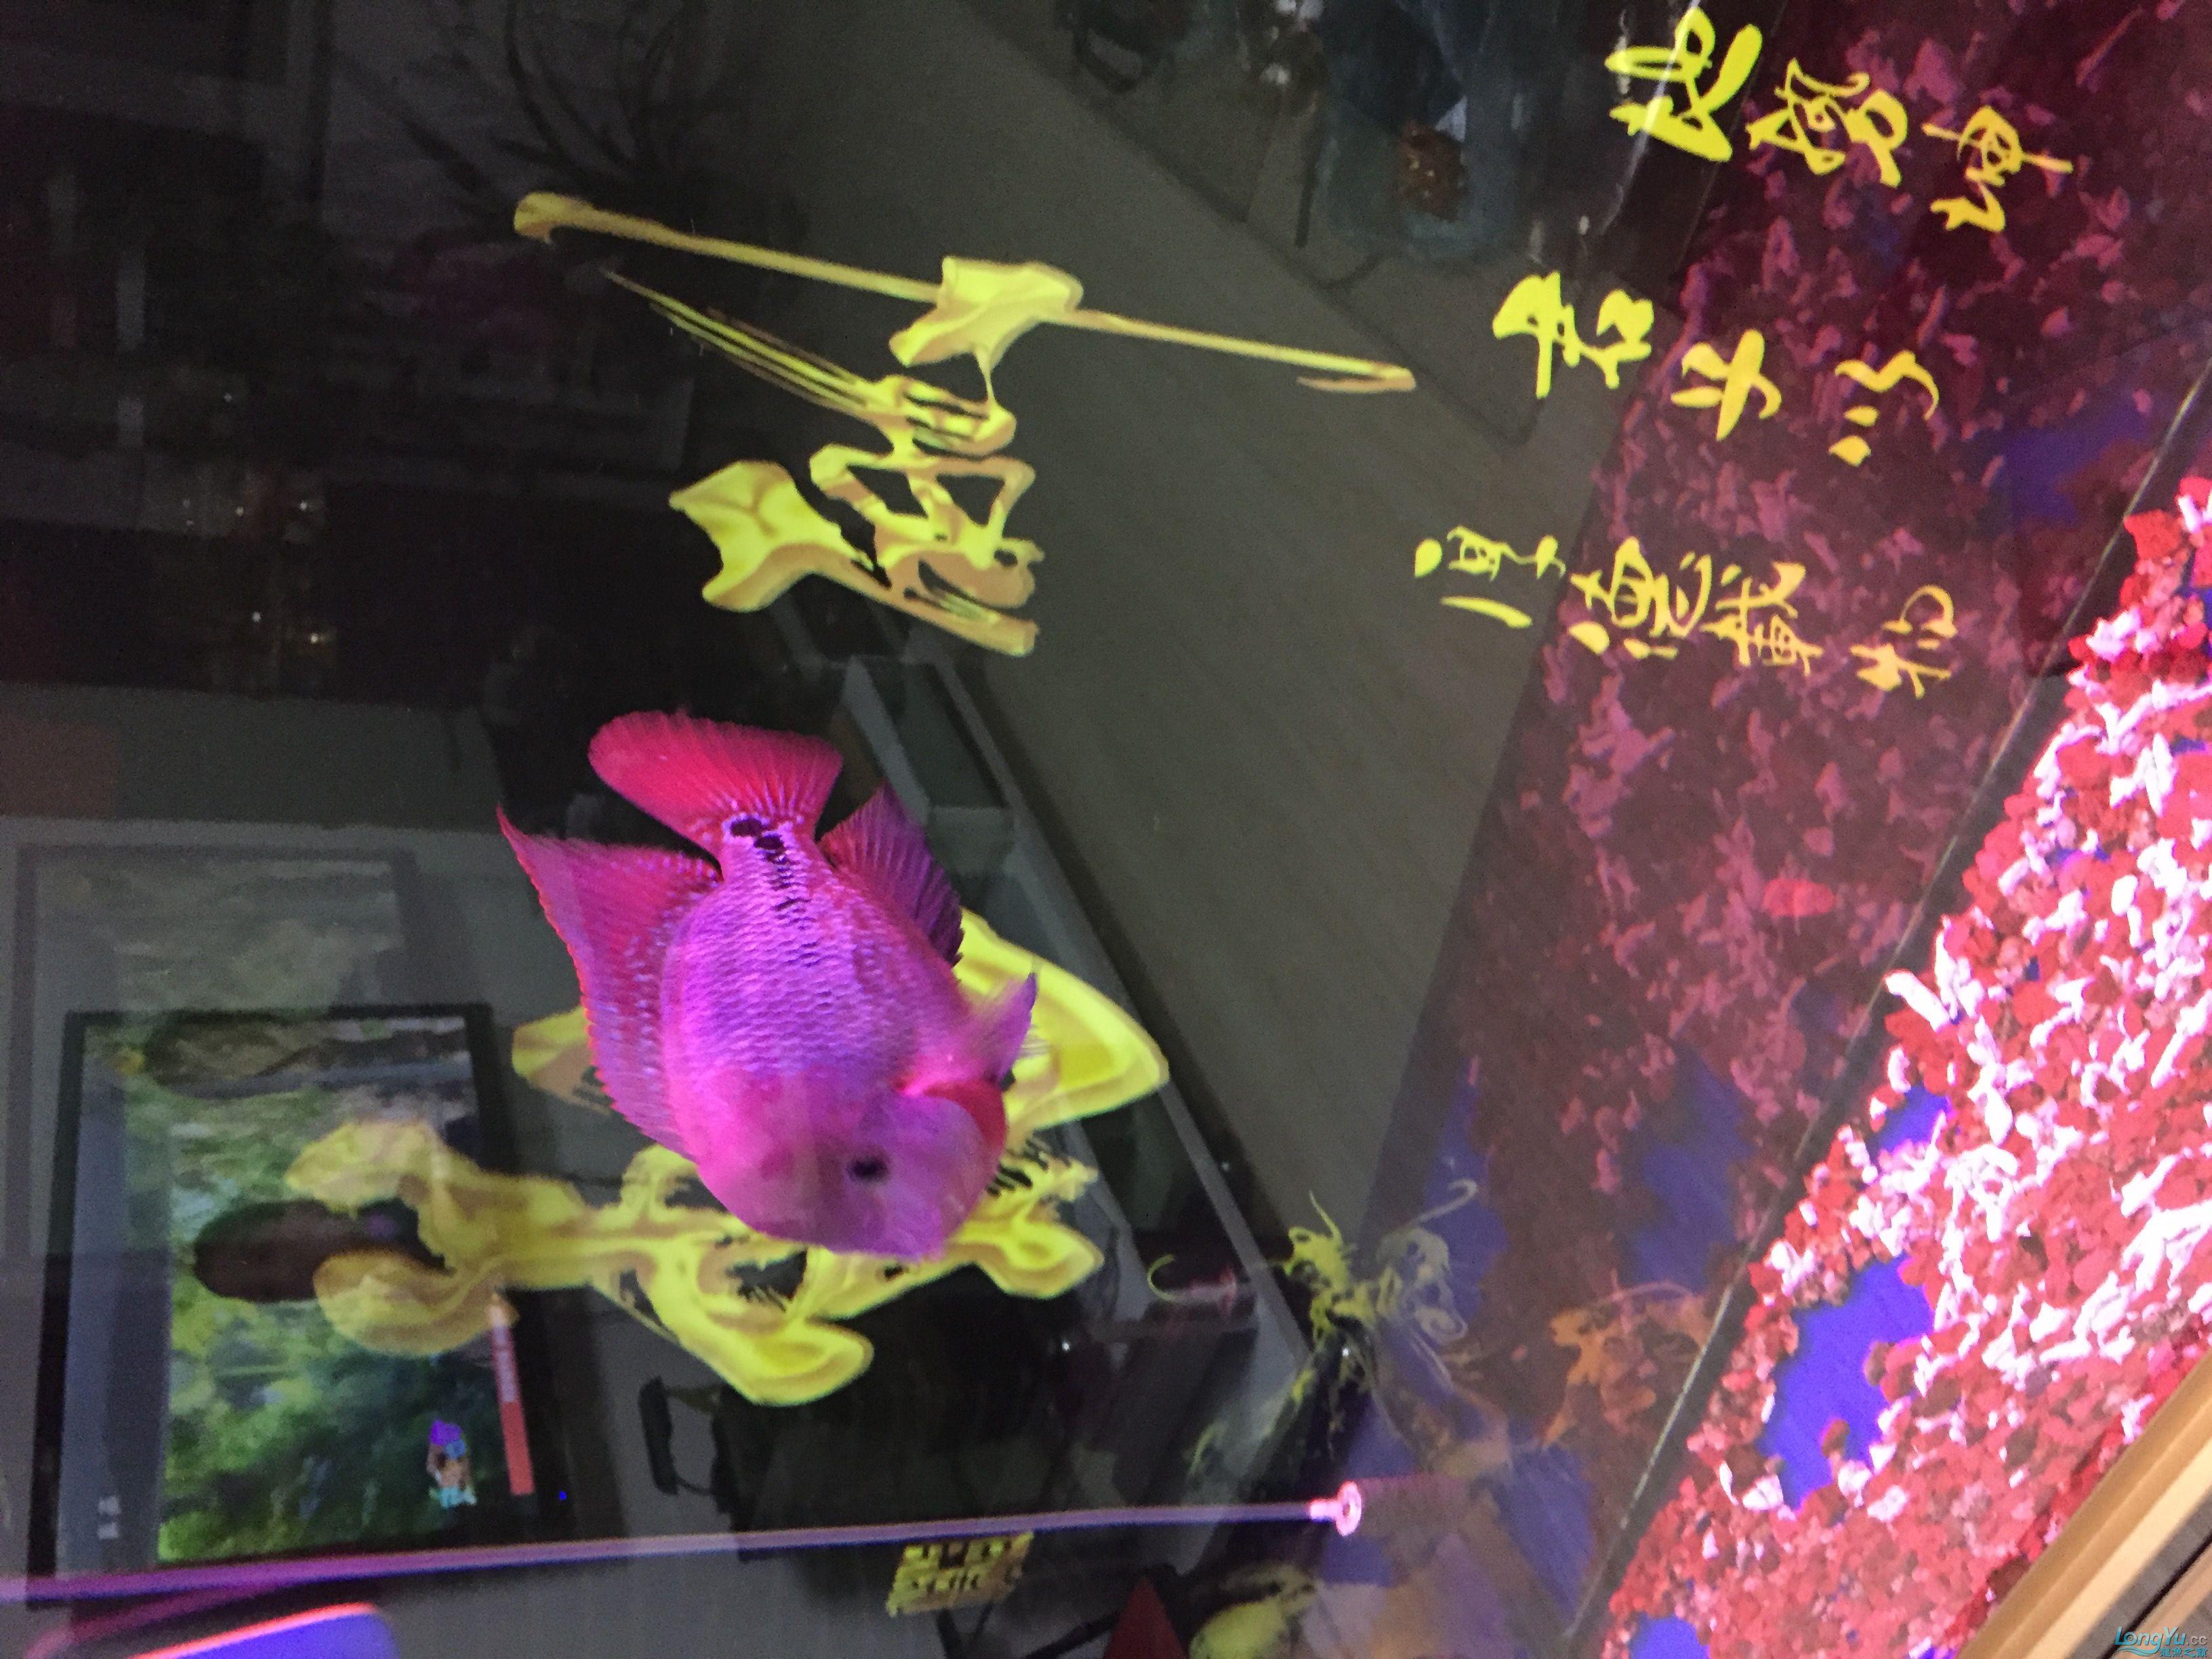 绵阳鱼市在哪小彩虹 换大缸了 期待爆头 绵阳龙鱼论坛 绵阳水族批发市场第3张